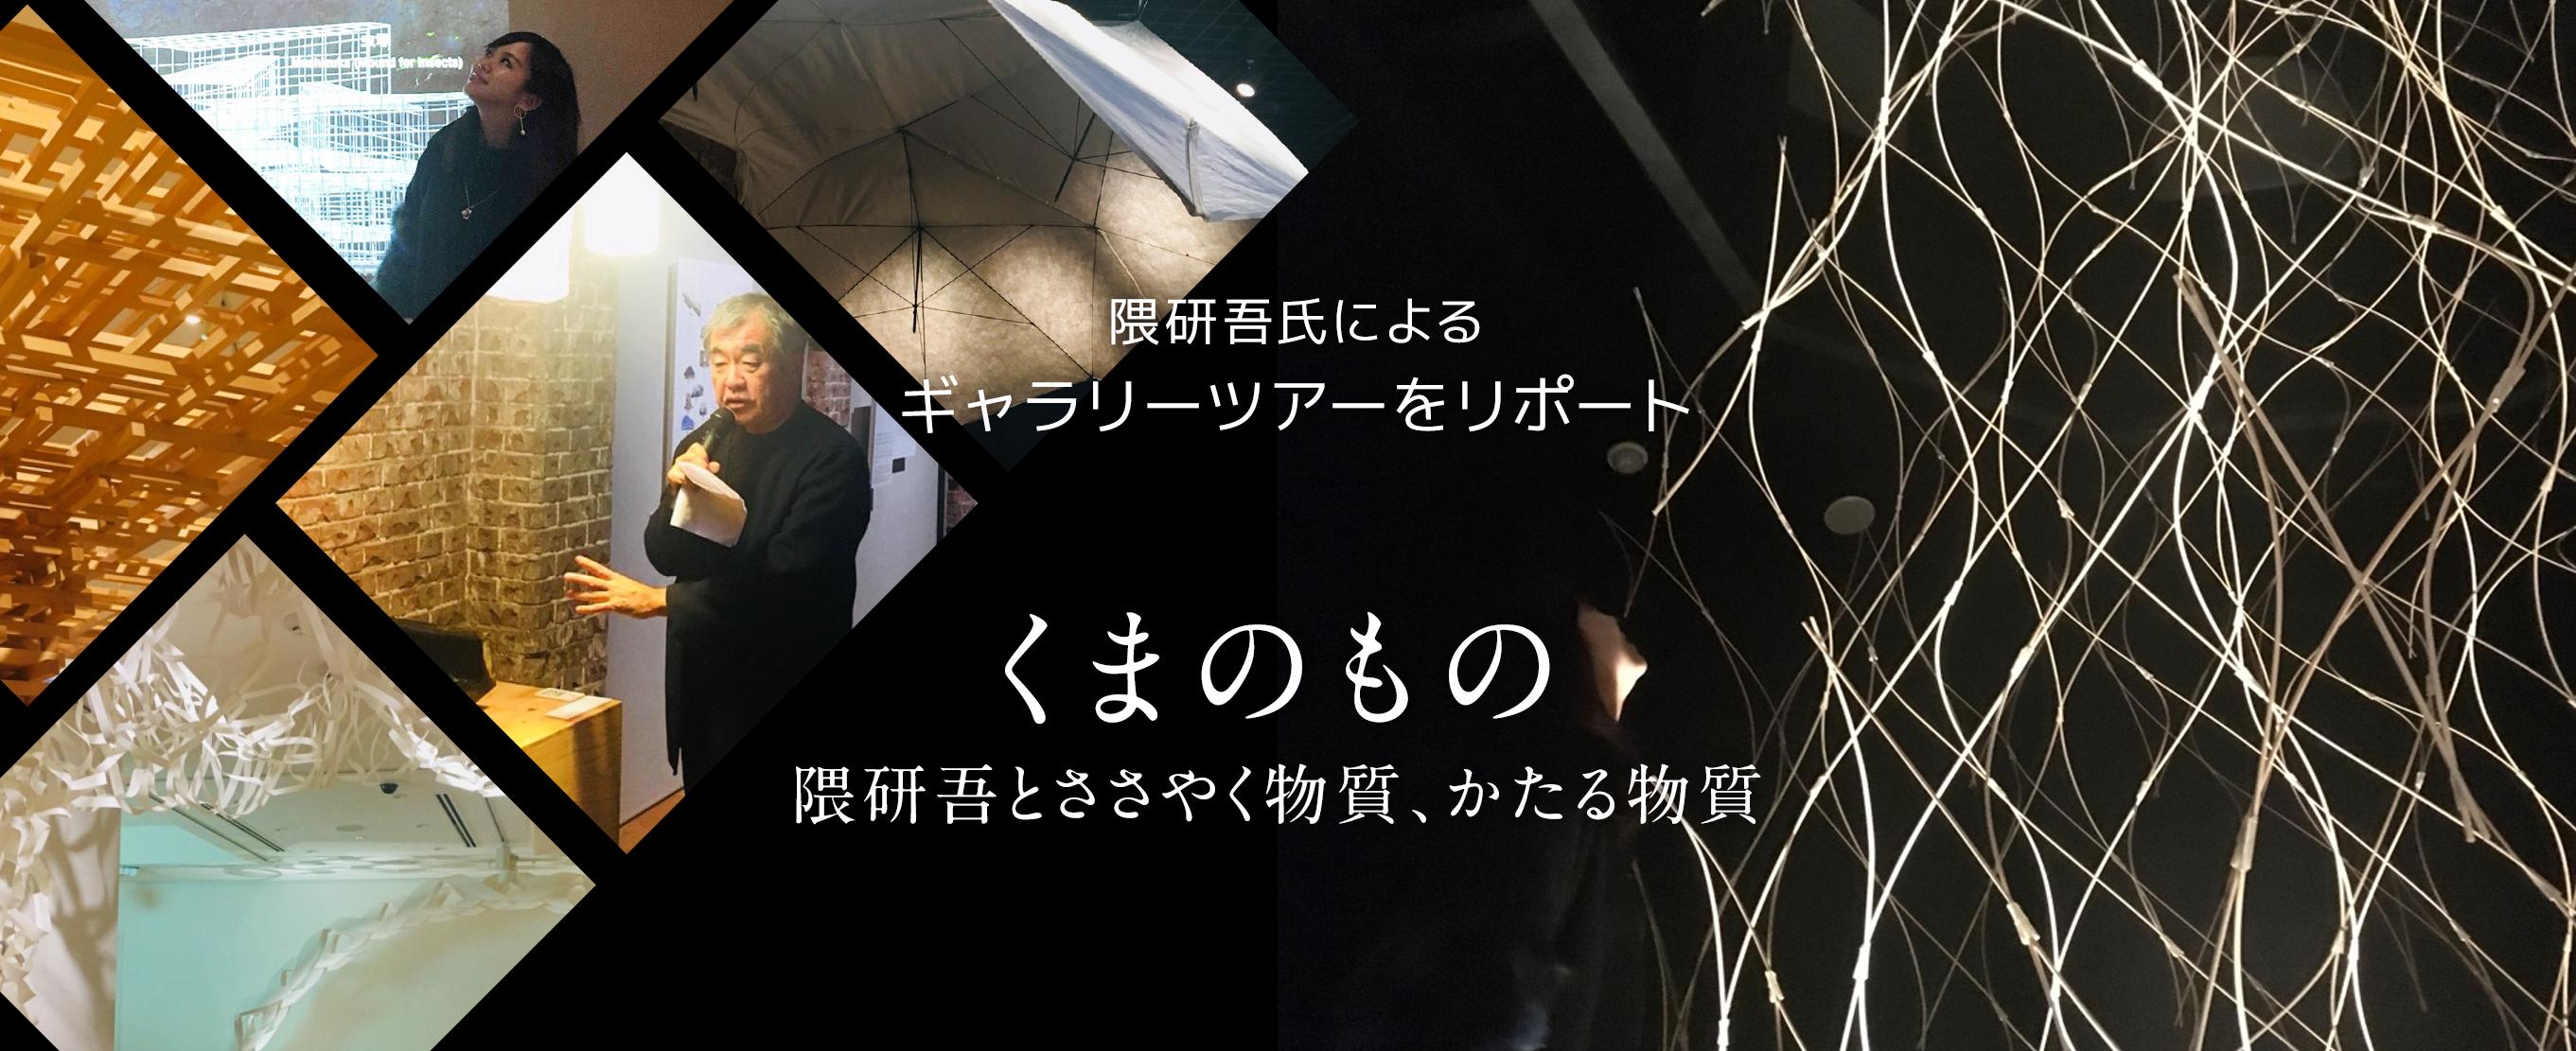 隈研吾氏によるギャラリーツアーをリポート『くまのもの 隈研吾とささやく物質、かたる物質』